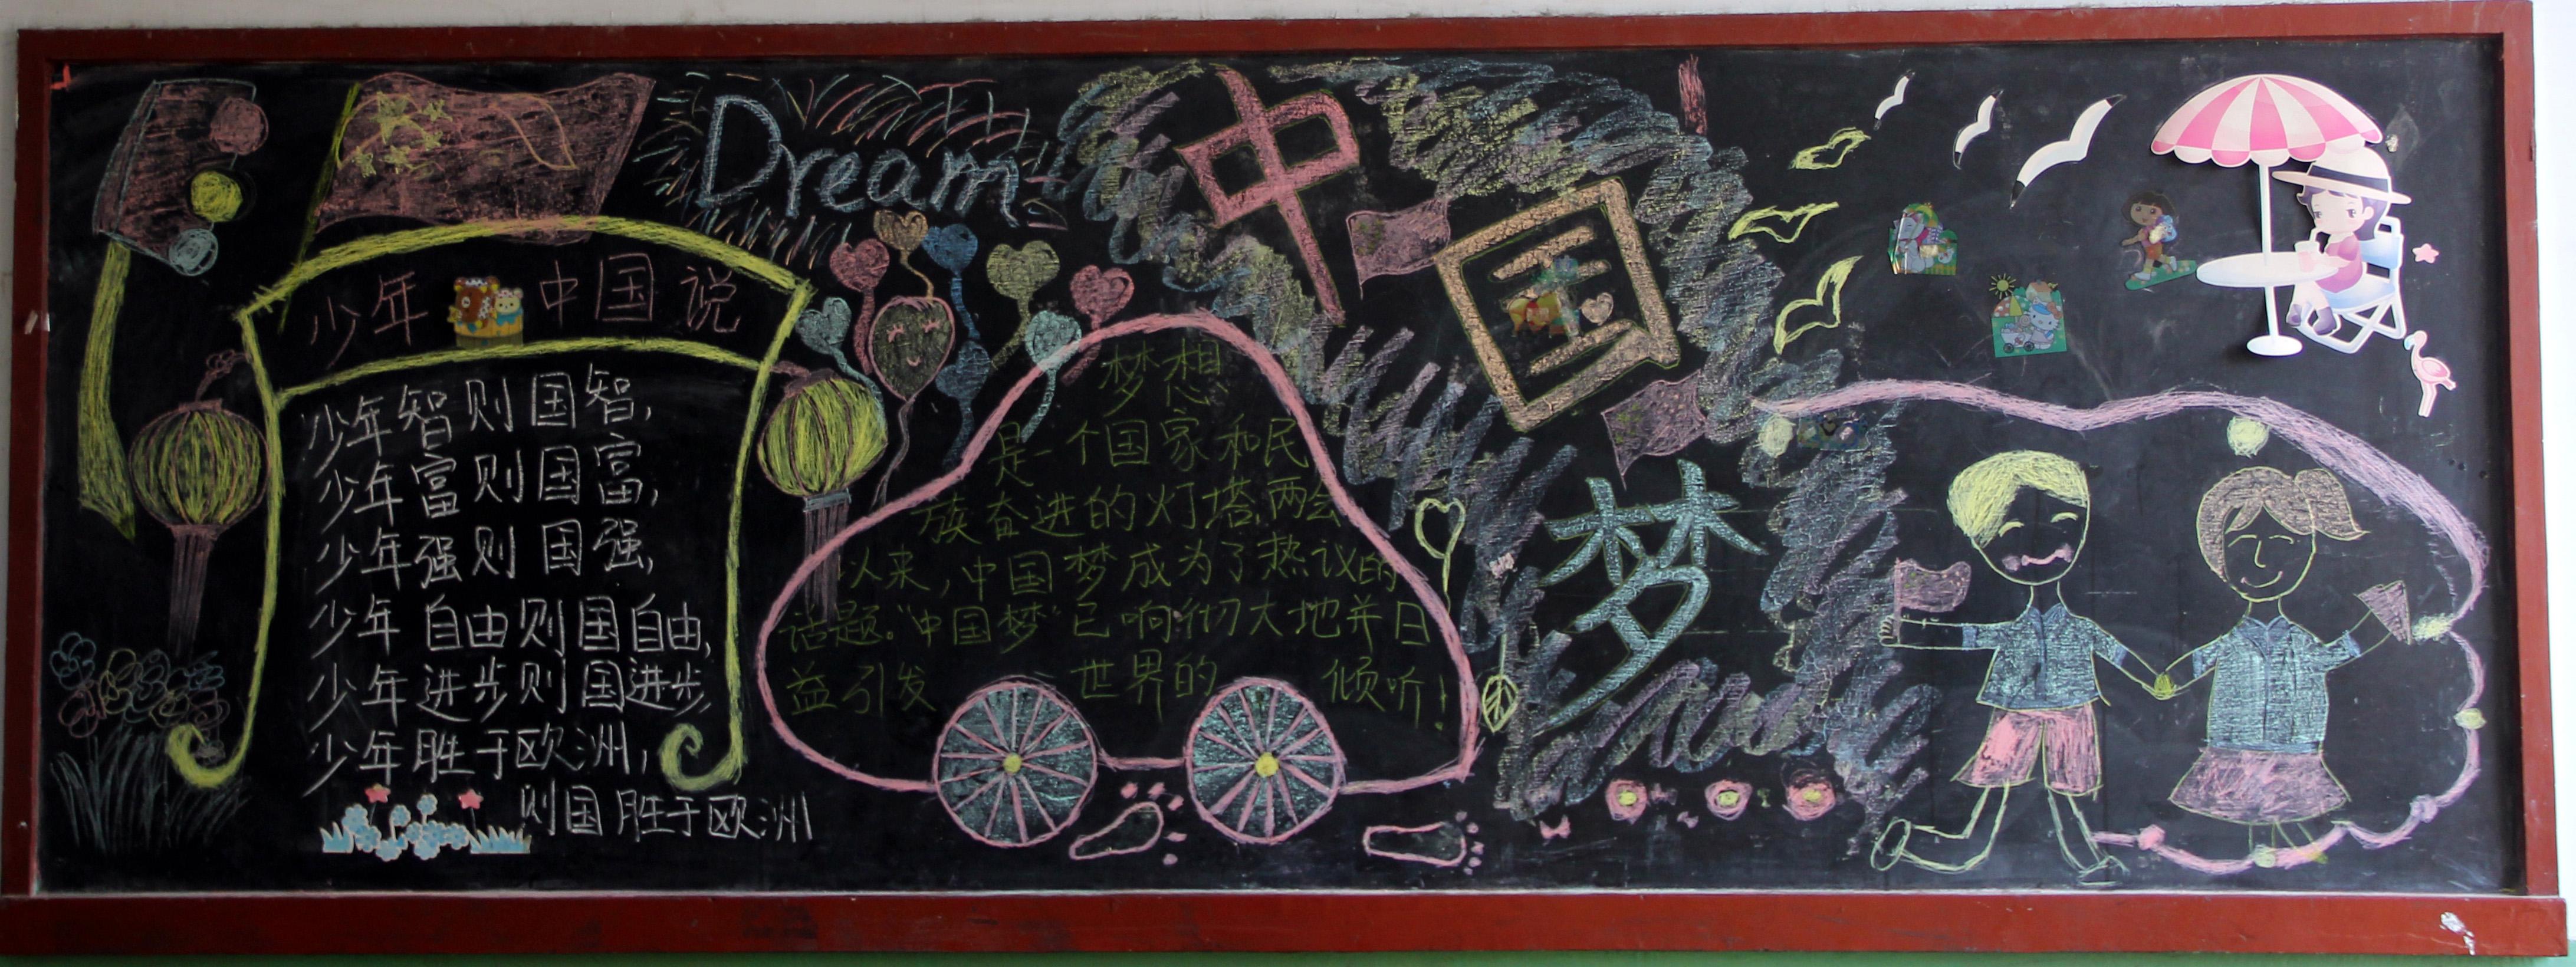 我的梦中国梦黑板报